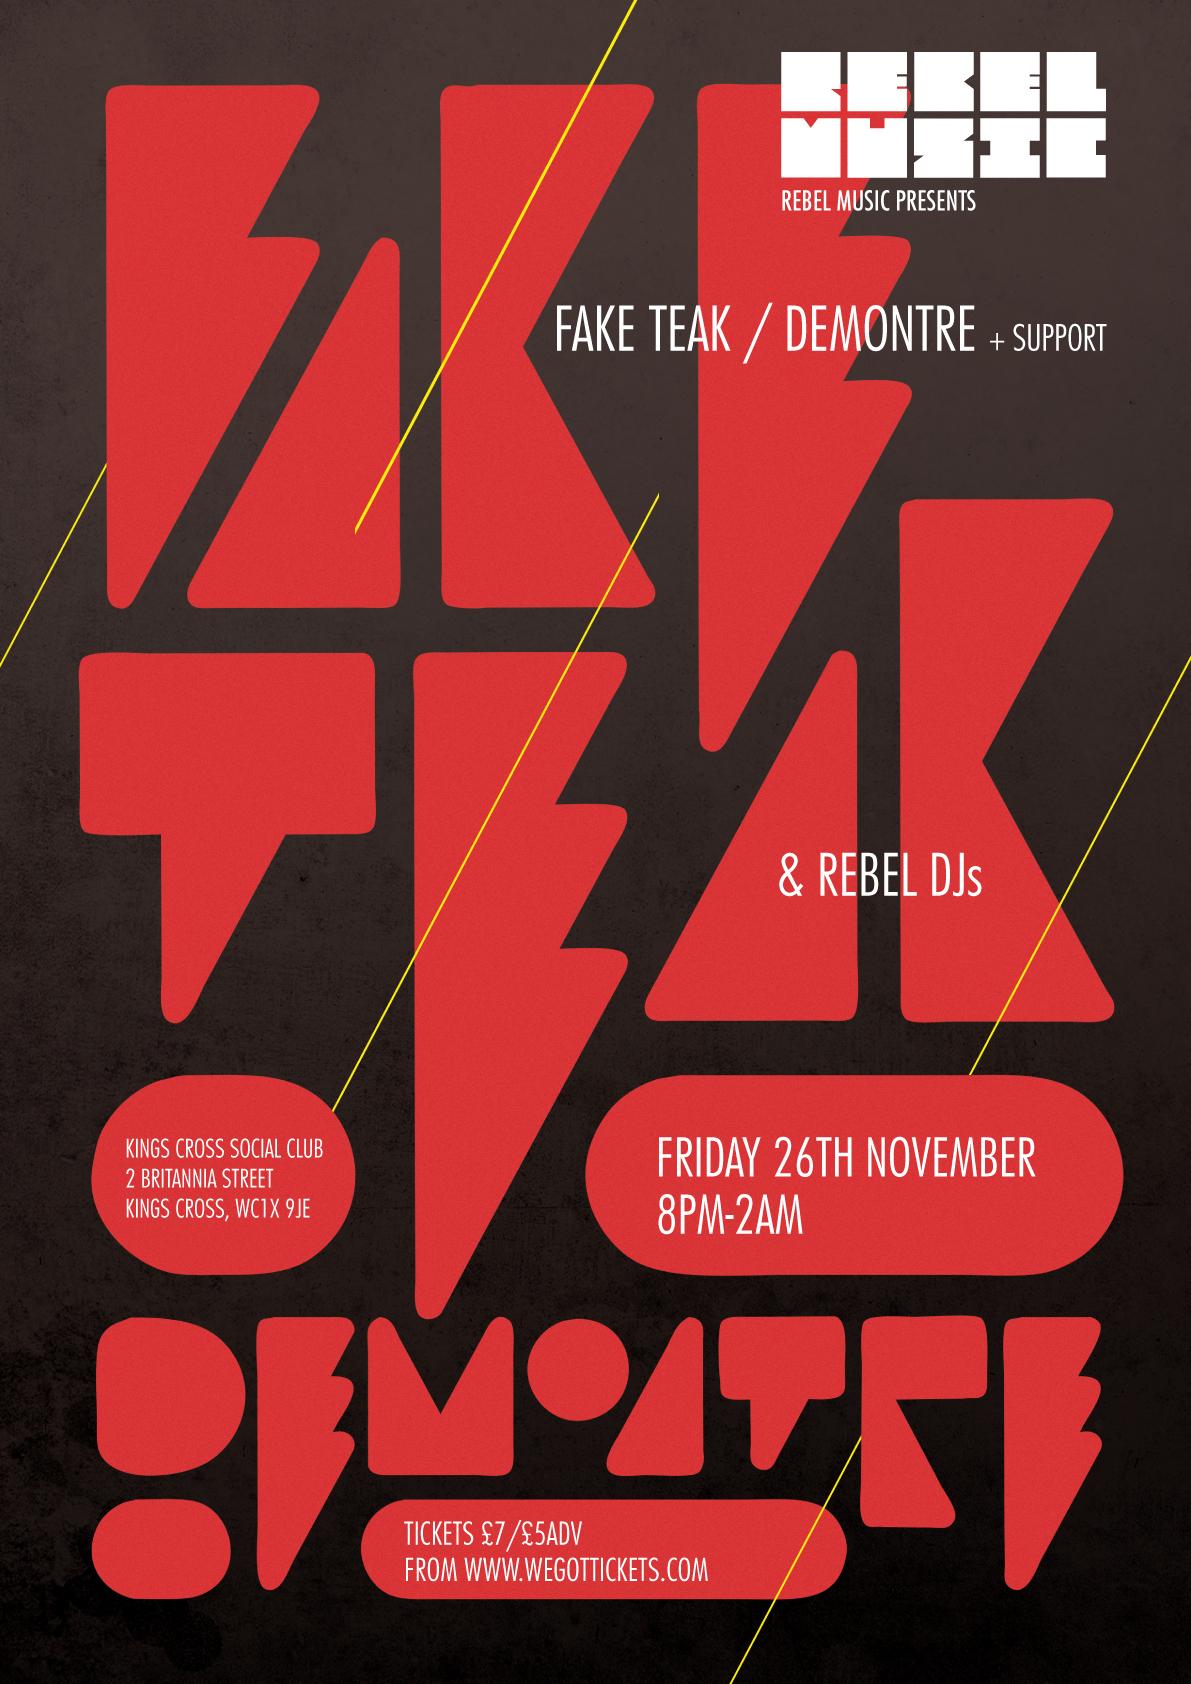 Rebel Music 26th November 2010 Poster.jpg